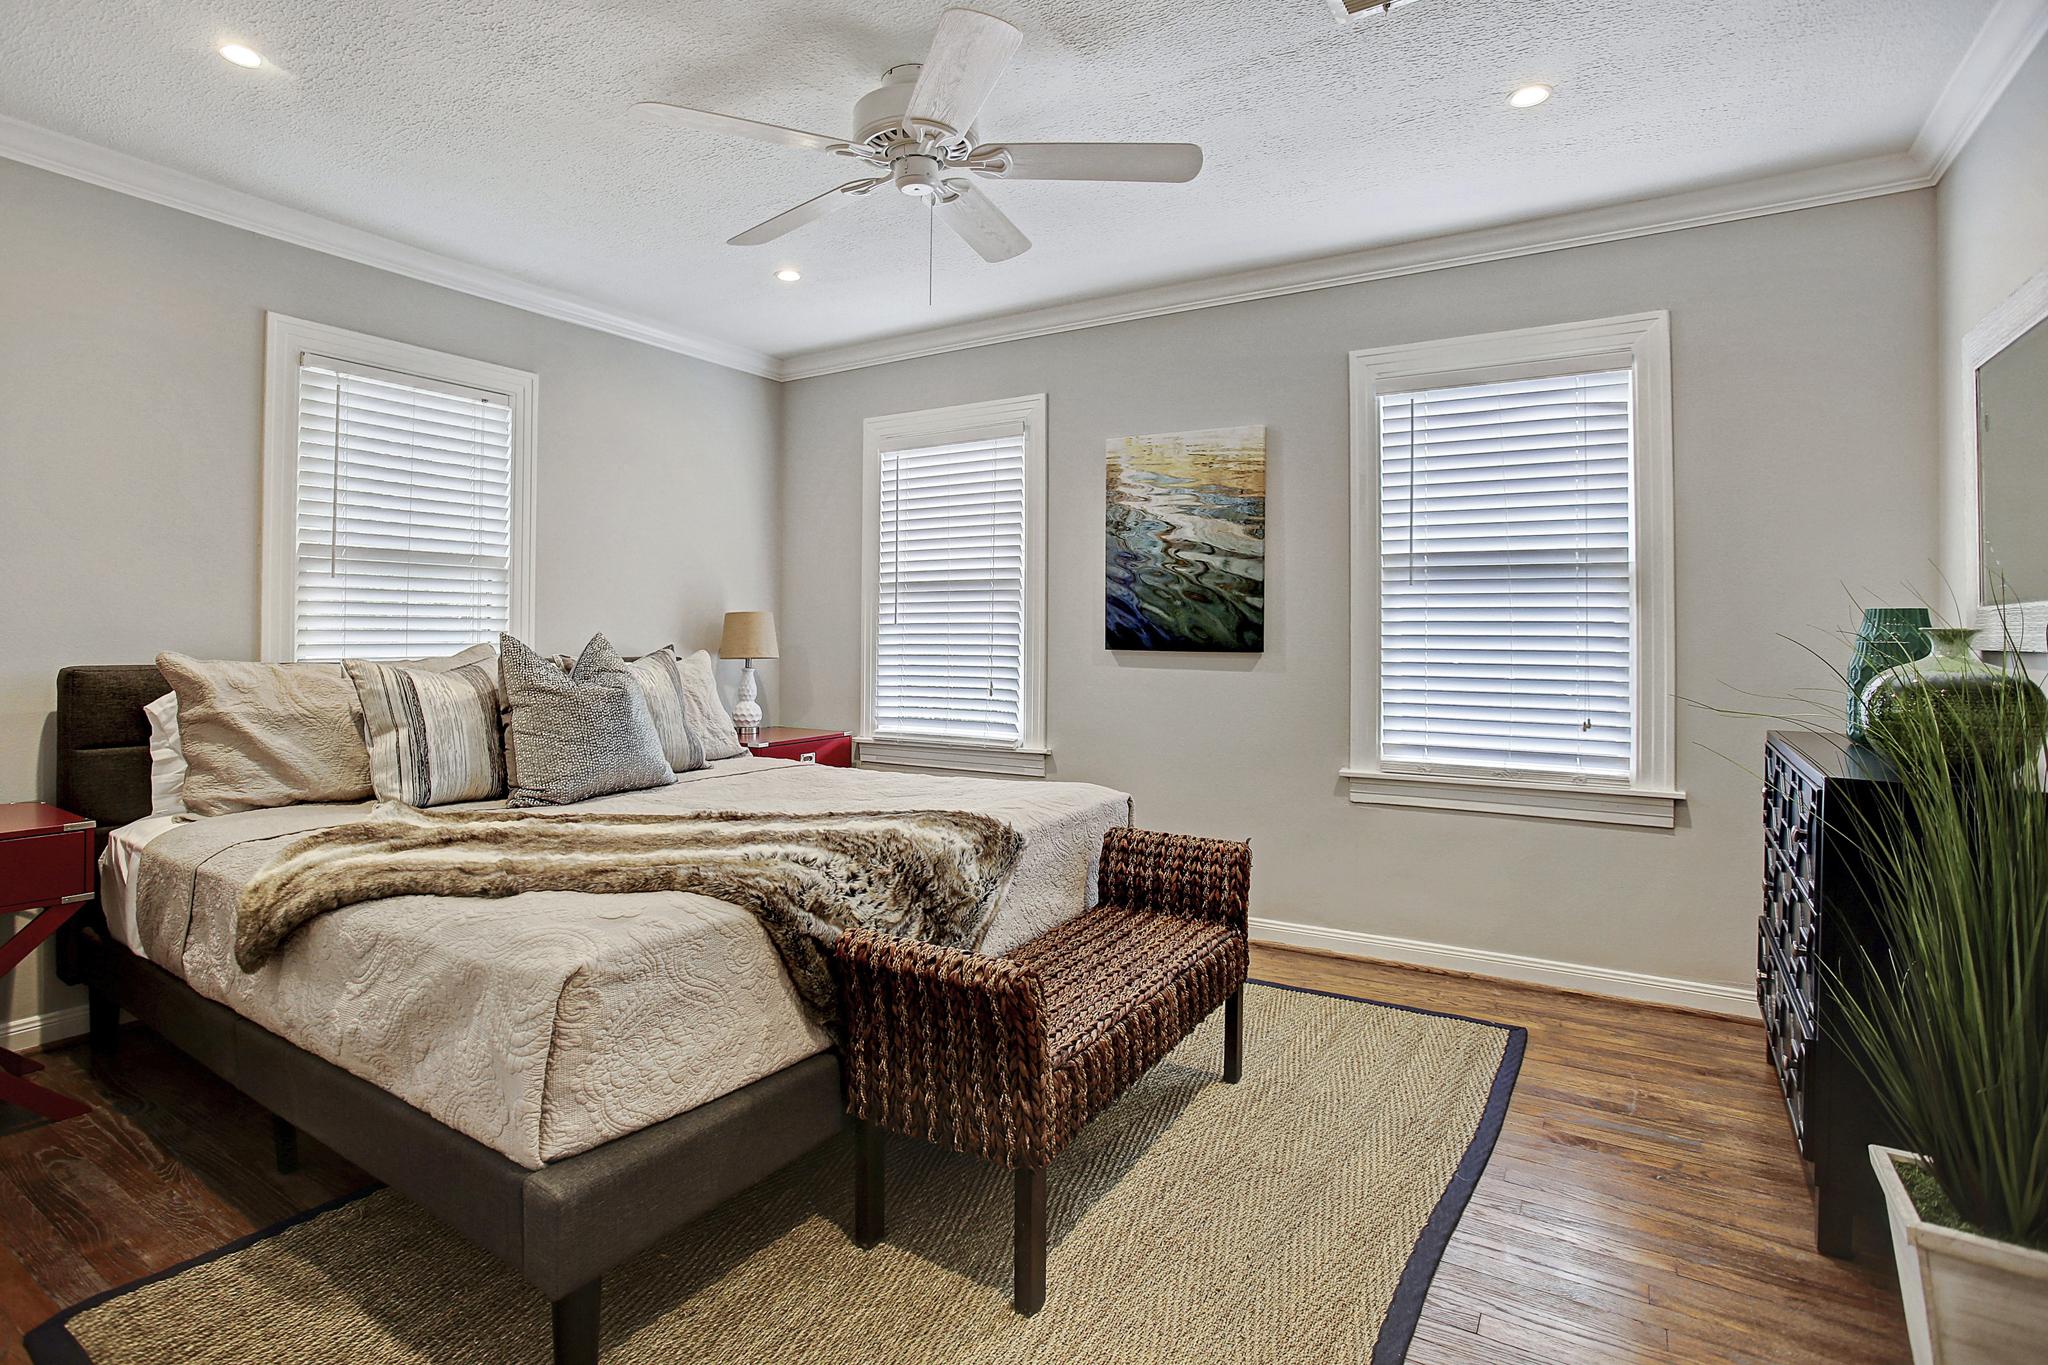 Interiors Airbnb